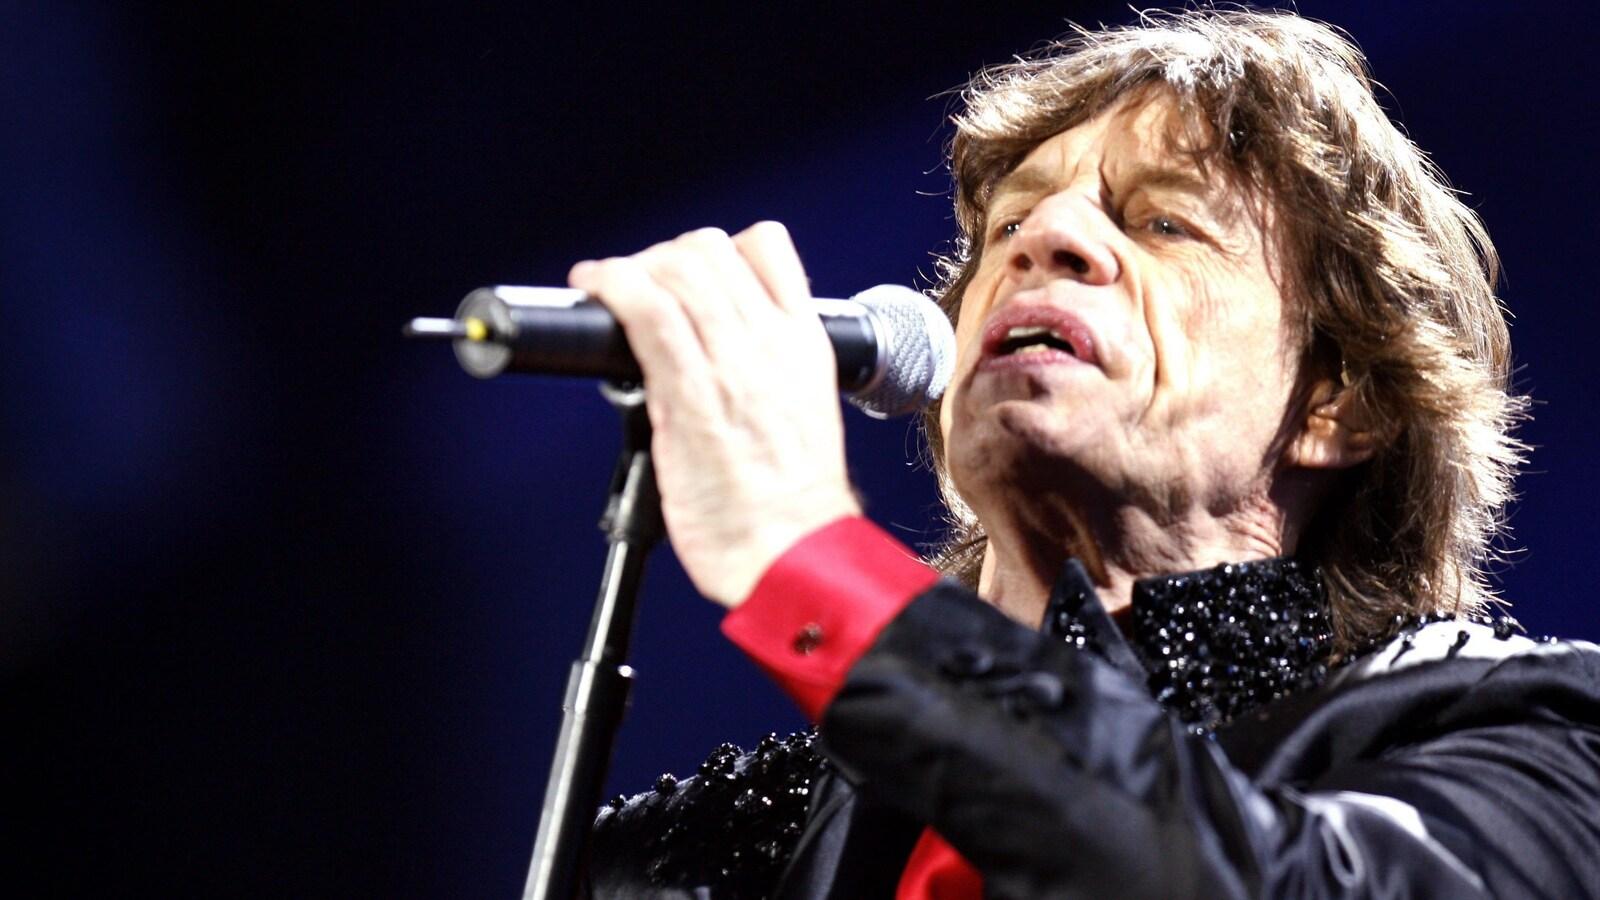 Mick Jagger and the Rolling Stones donne une représentation le 8 octobre 2006 au stade mosaic à Regina